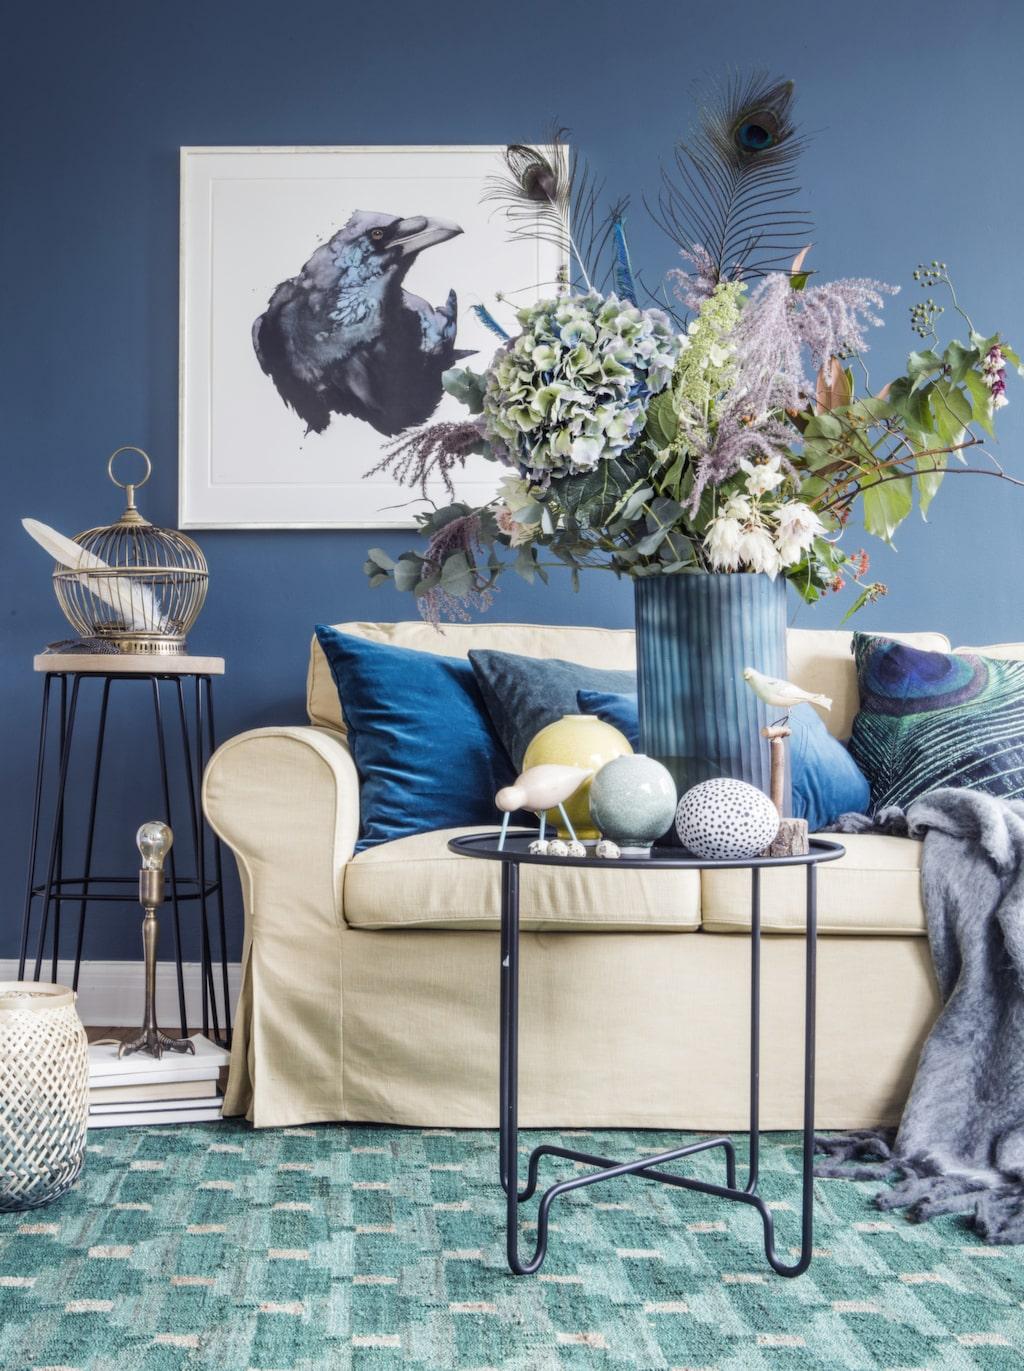 Dramatisk i blågröna toner! Låt en vacker tavla sätta stilen och matcha med mörka väggar och en maffig bukett.